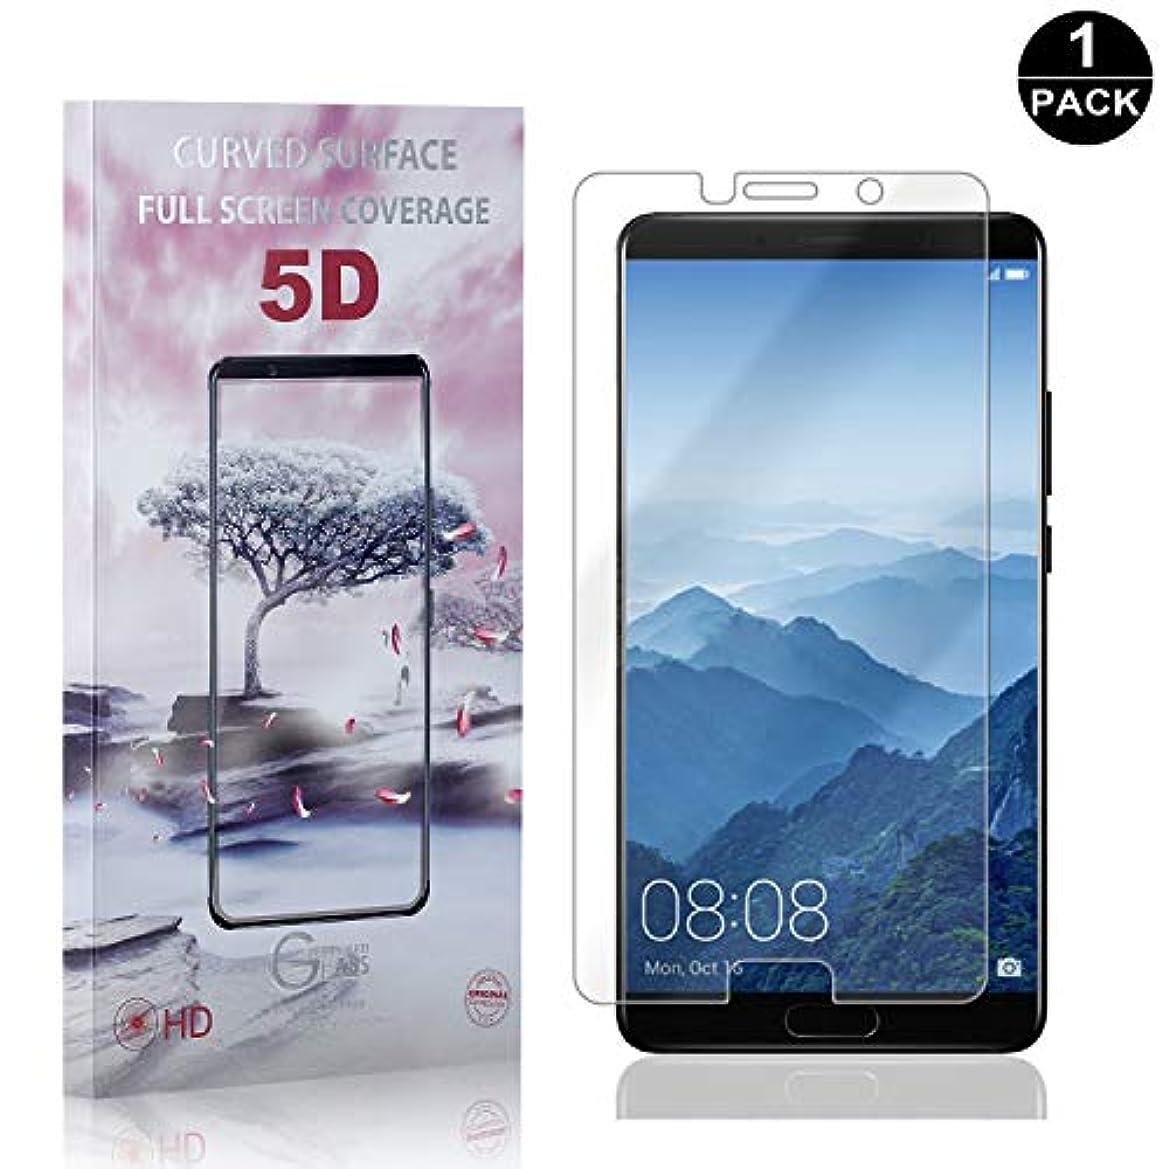 病的パスタ空【1枚セット】 Huawei Mate 10 硬度9H ガラスフィルム CUNUS Huawei Mate 10 専用設計 強化ガラスフィルム 高透明度で 99%透過率 気泡防止 耐衝撃 超薄 液晶保護フィルム